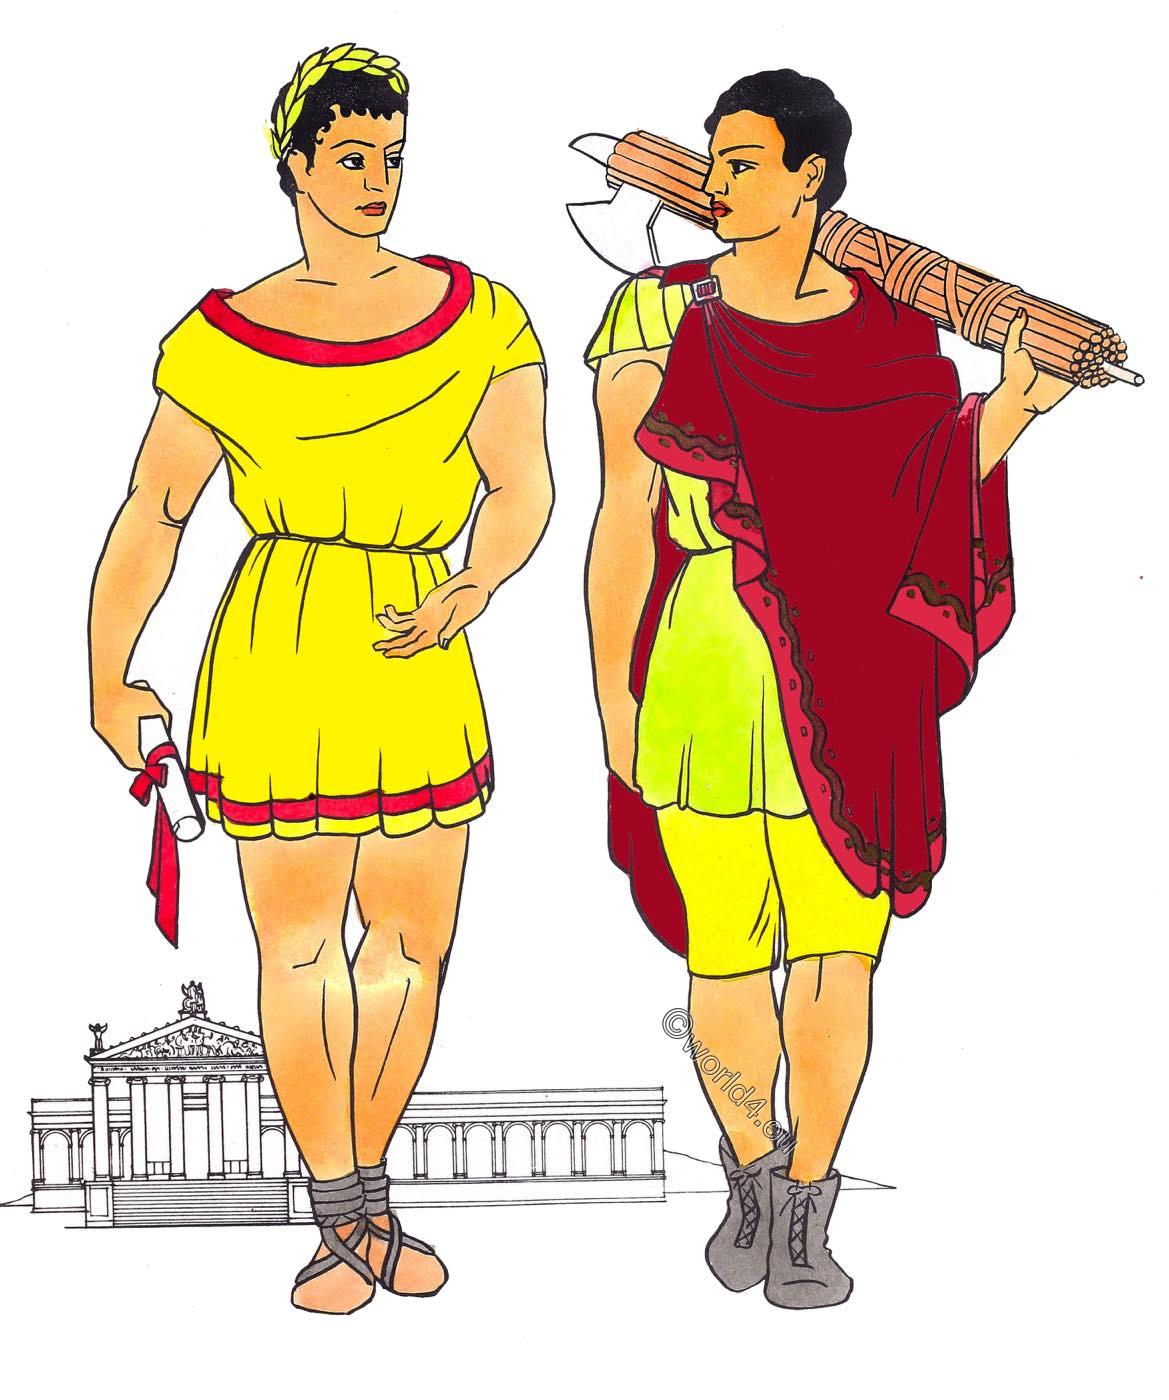 Roman, Republican, Rome, garment, abolla, braccae, tunica, toga